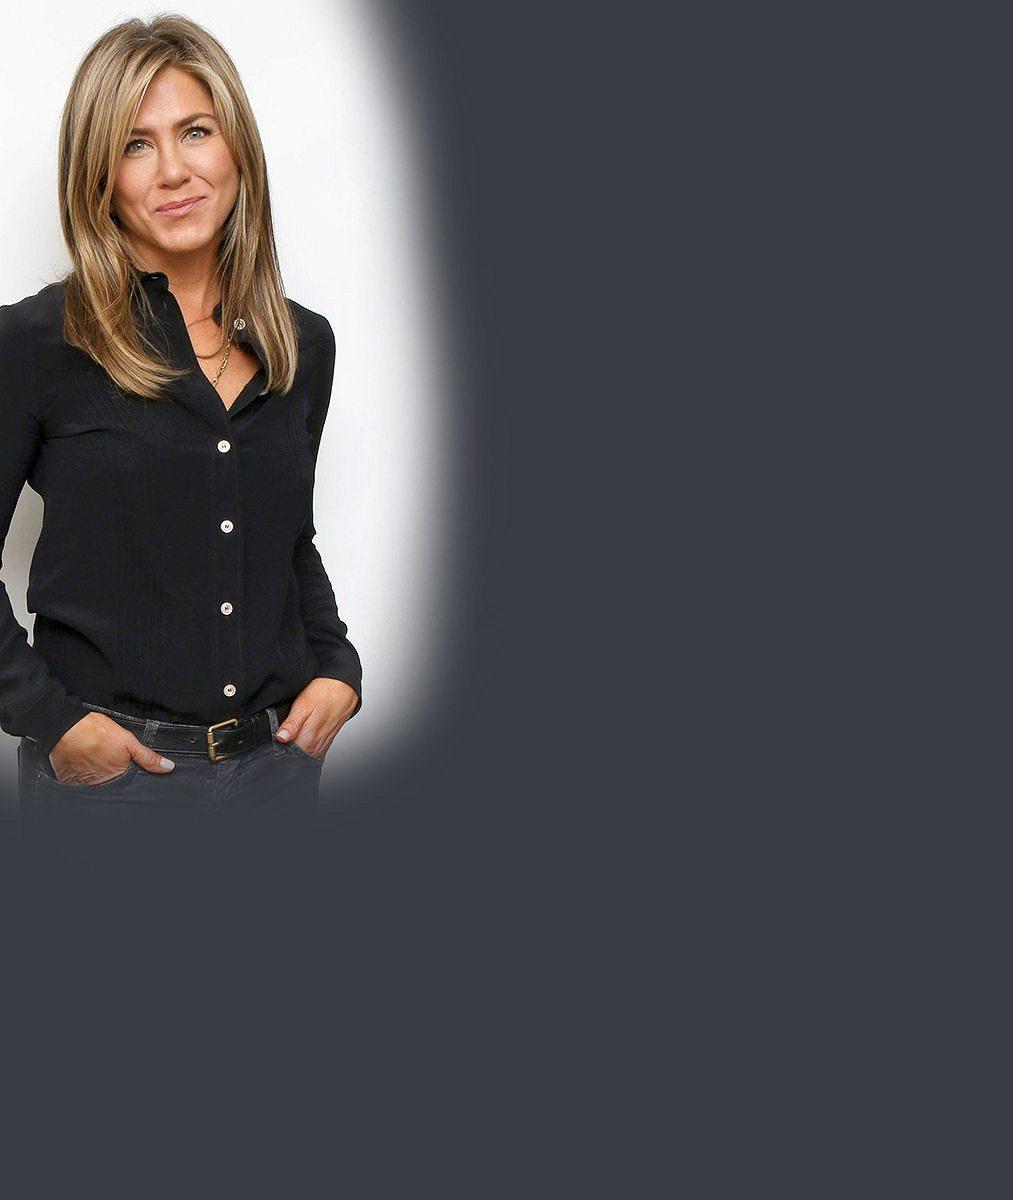 Jennifer Aniston (50) se nechala nafotit nahoře bez apromluvila otom, jak to má po dvou rozvodech sláskou